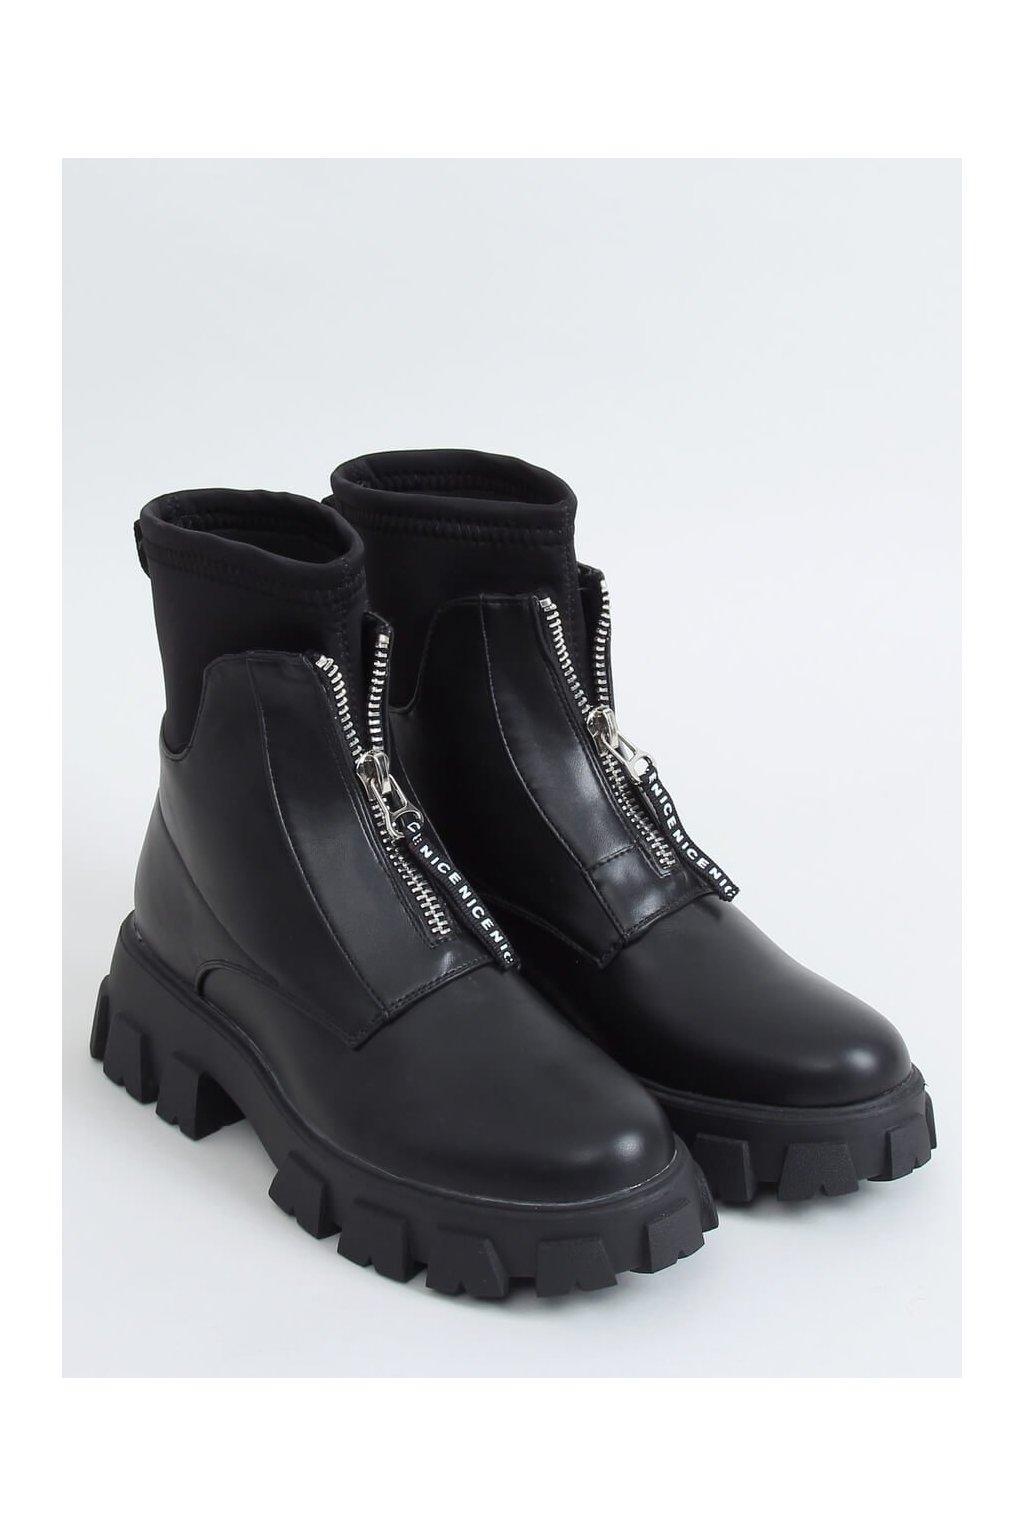 Dámske členkové topánky čierne na plochom podpätku NS155-1